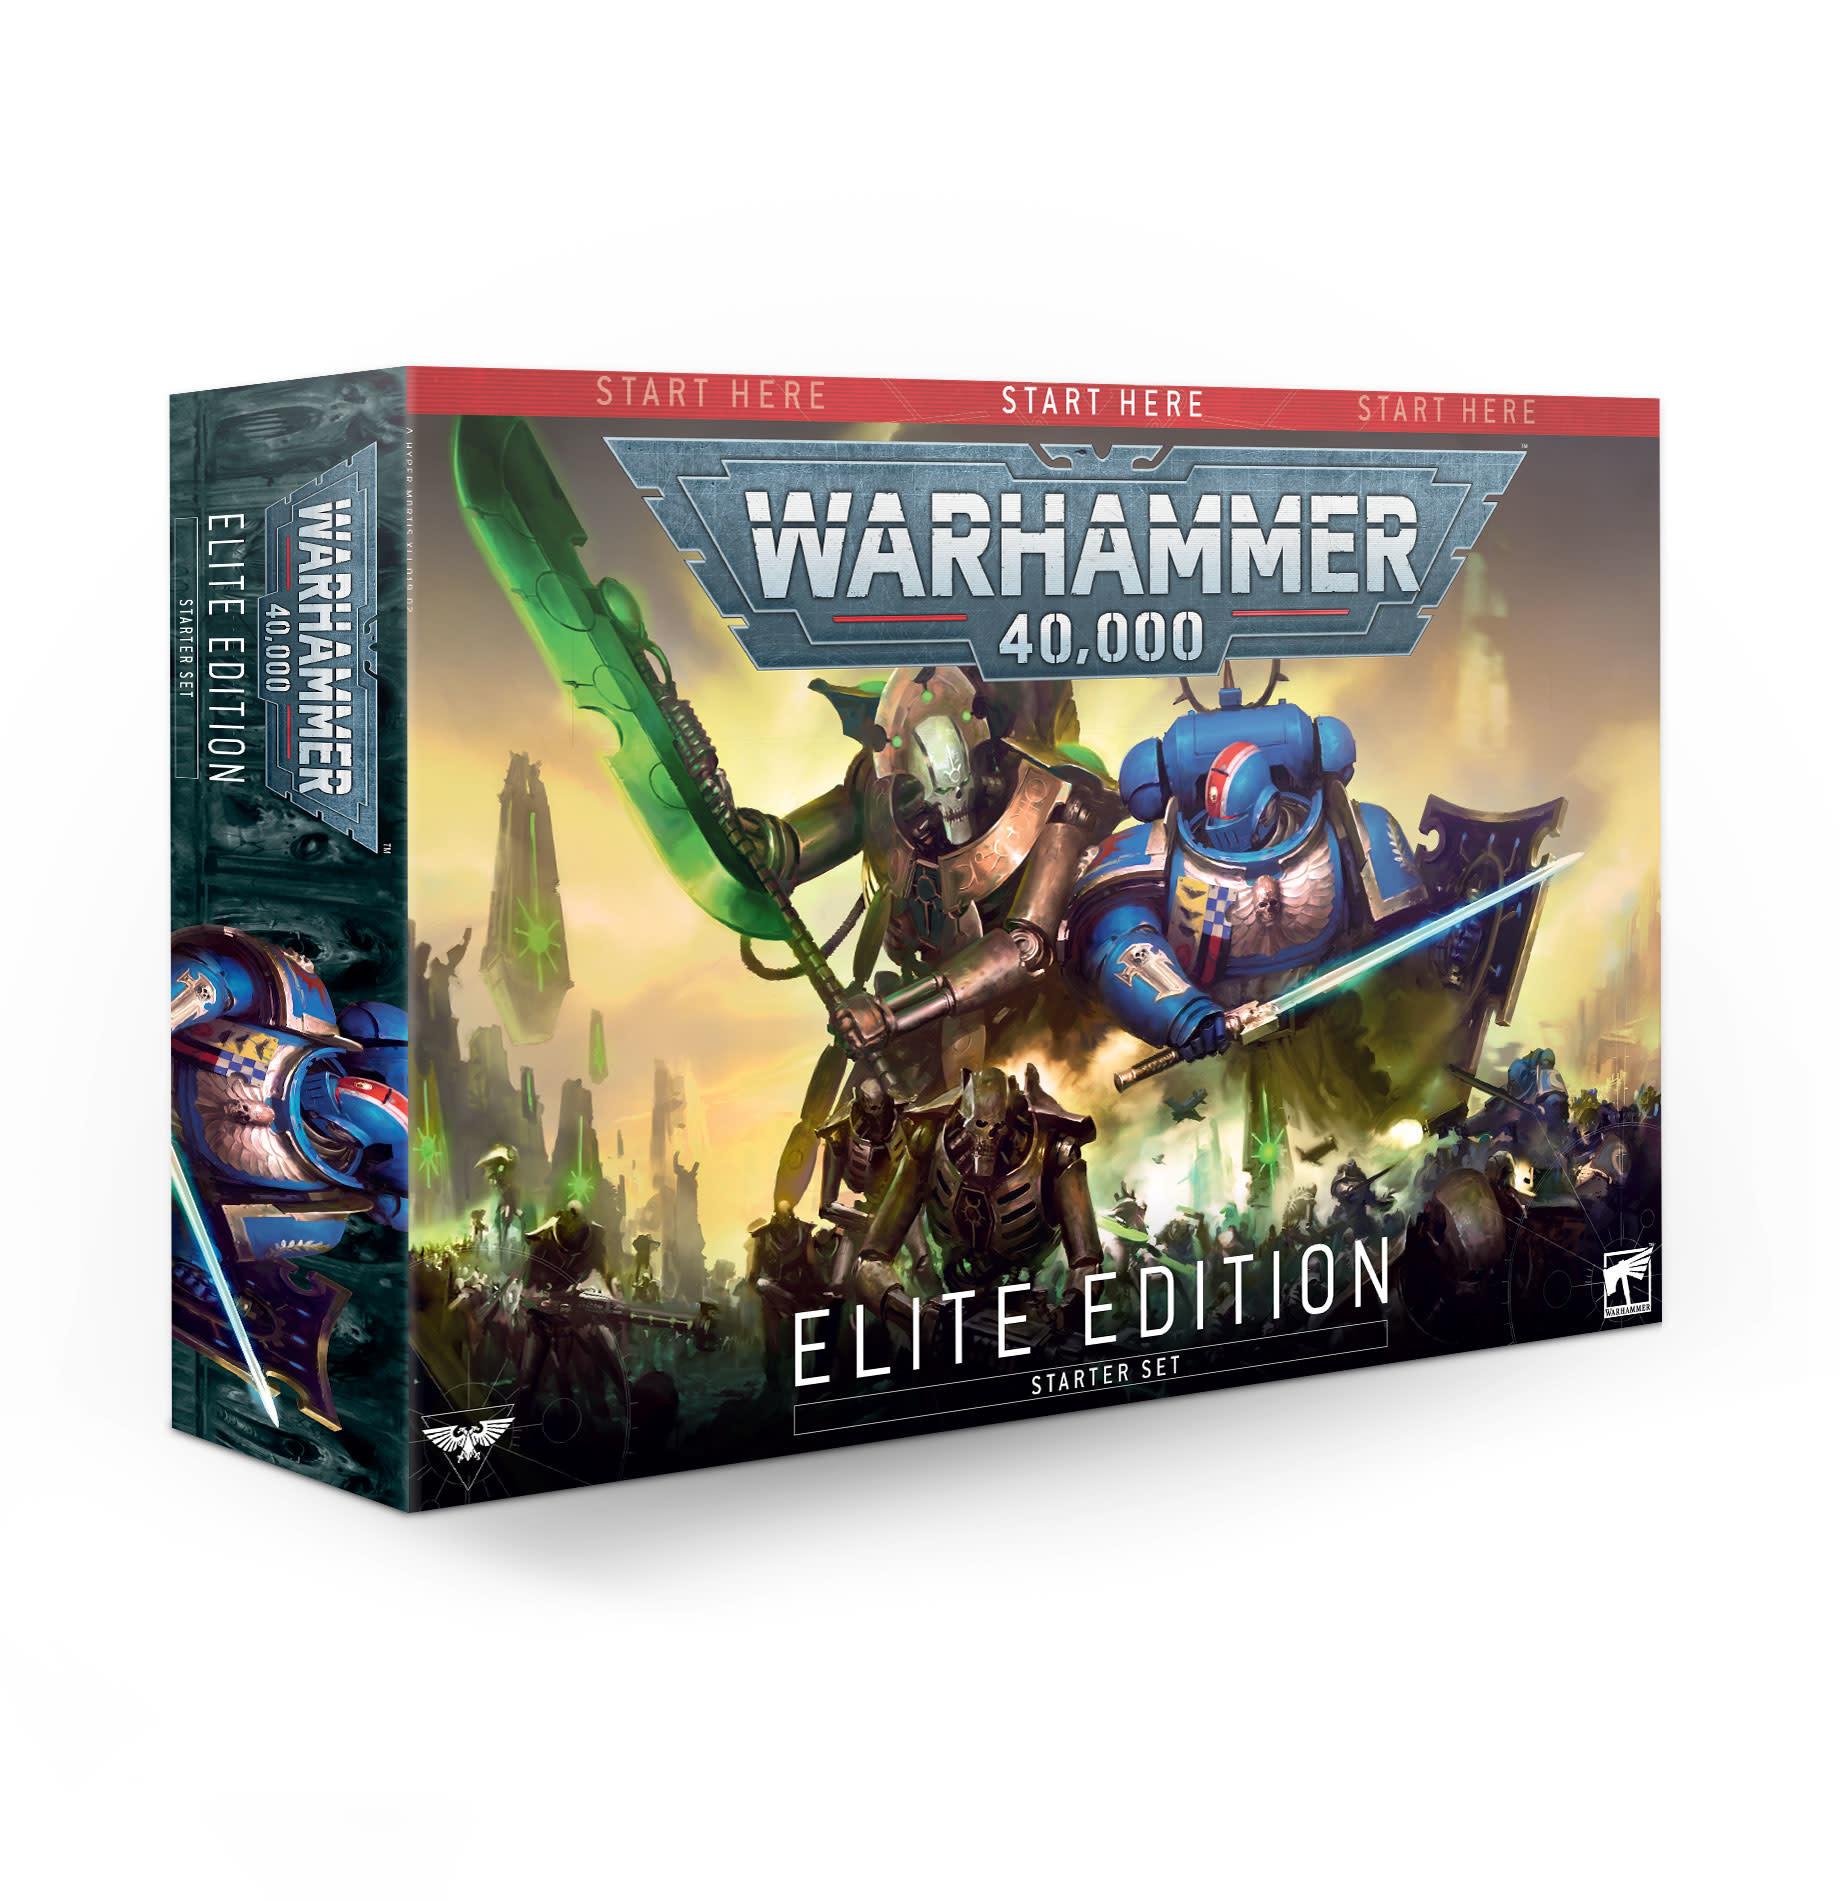 Warhammer 40,000: Elite Edition (EN)